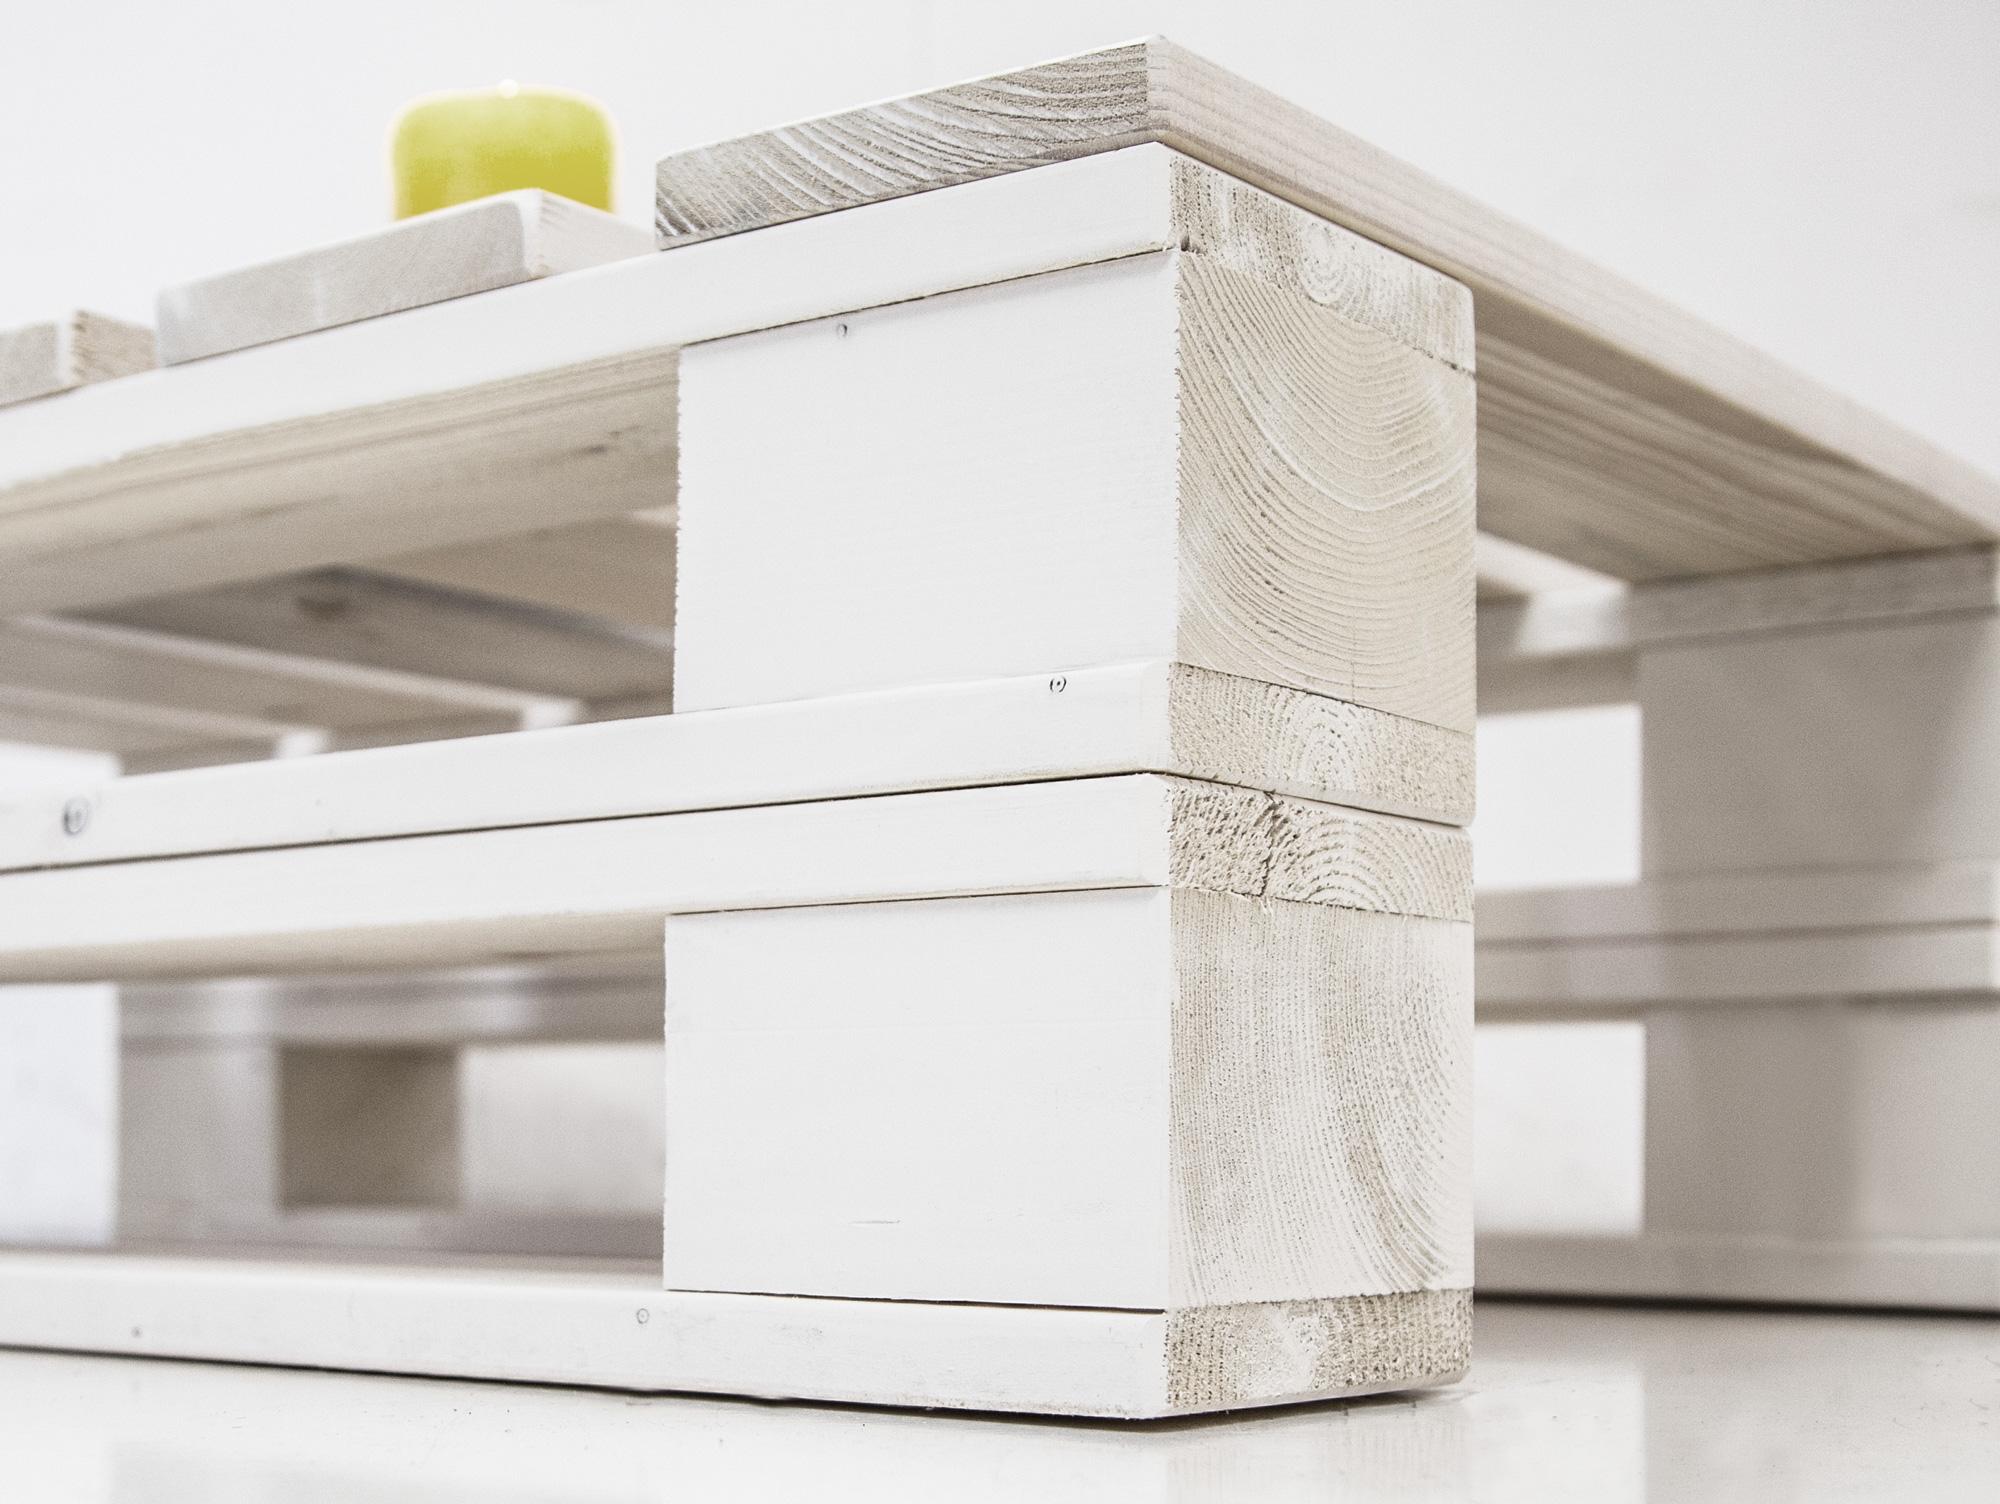 paletti duo couchtisch i aus paletten 60x90 cm weiss lackiert. Black Bedroom Furniture Sets. Home Design Ideas